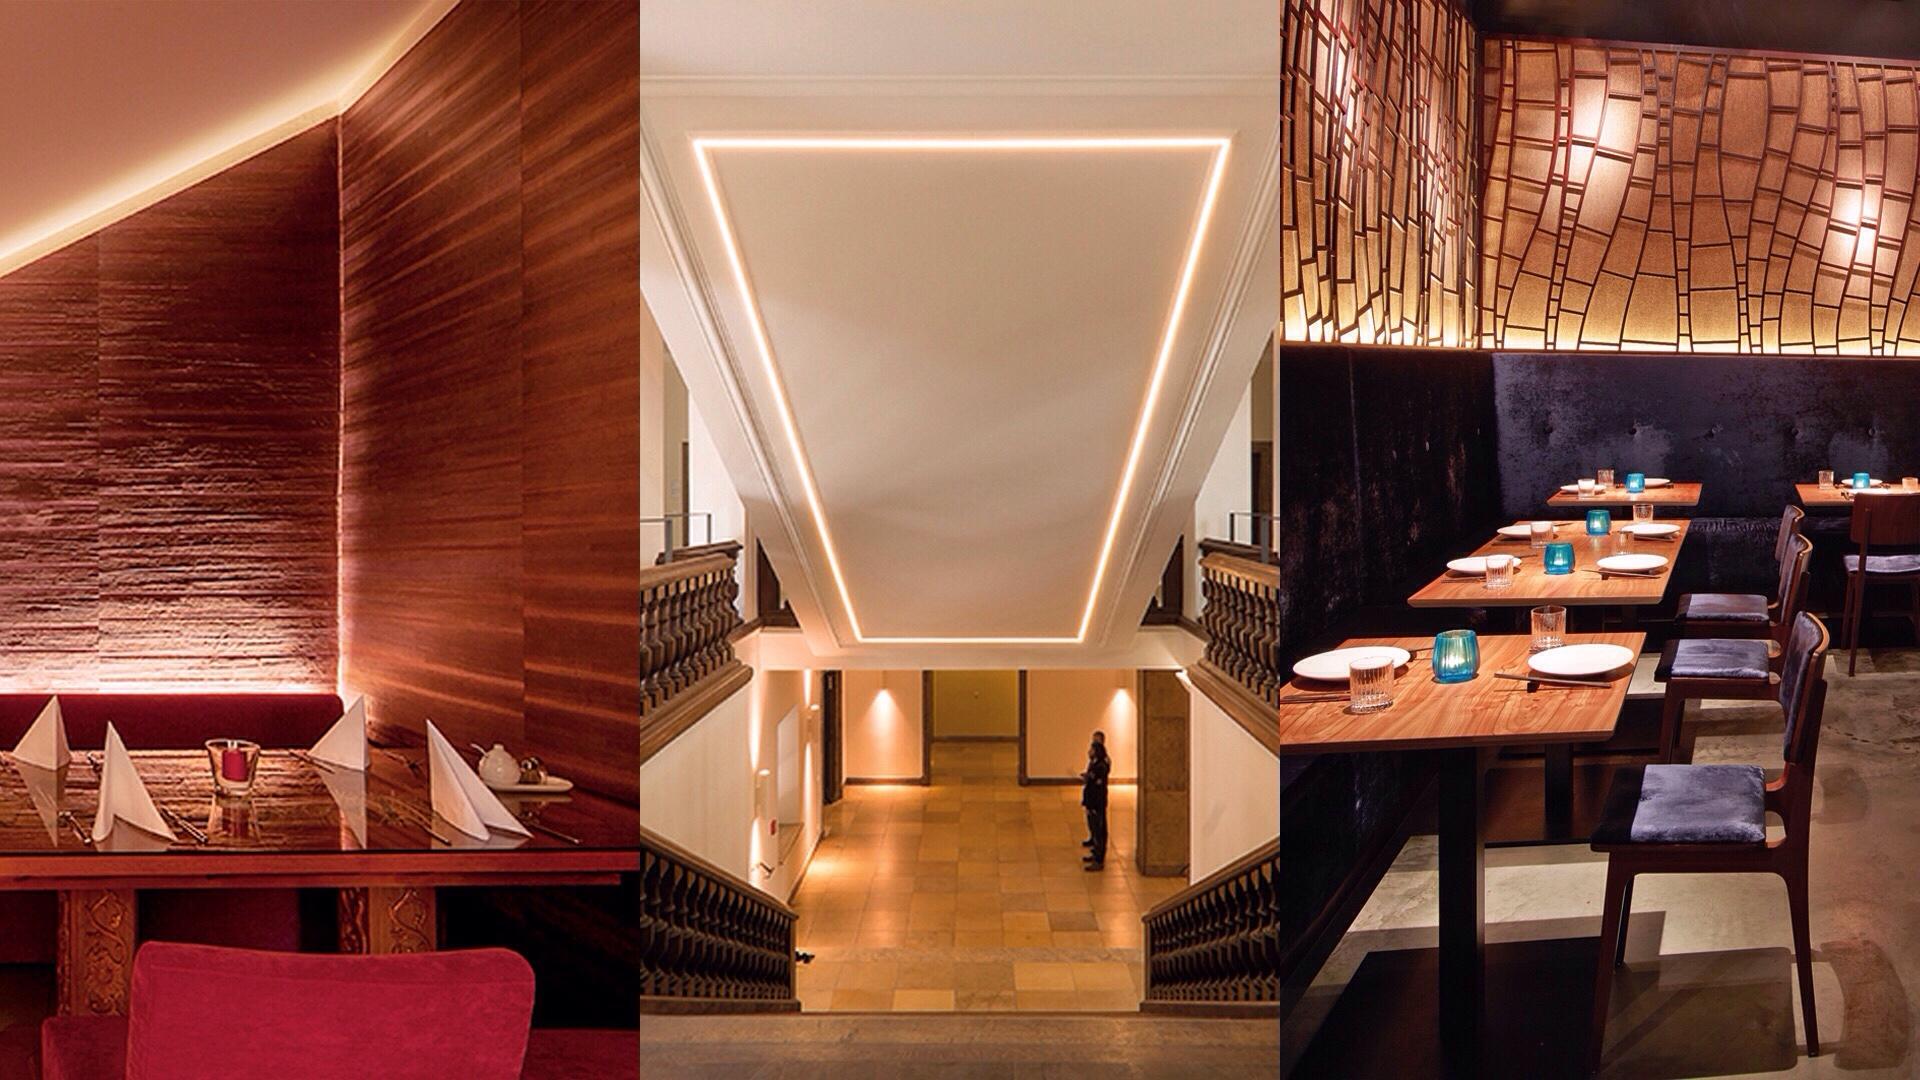 10 nn interiordesign mohrmann licht und medientechnik muenchenarchitektur. Black Bedroom Furniture Sets. Home Design Ideas